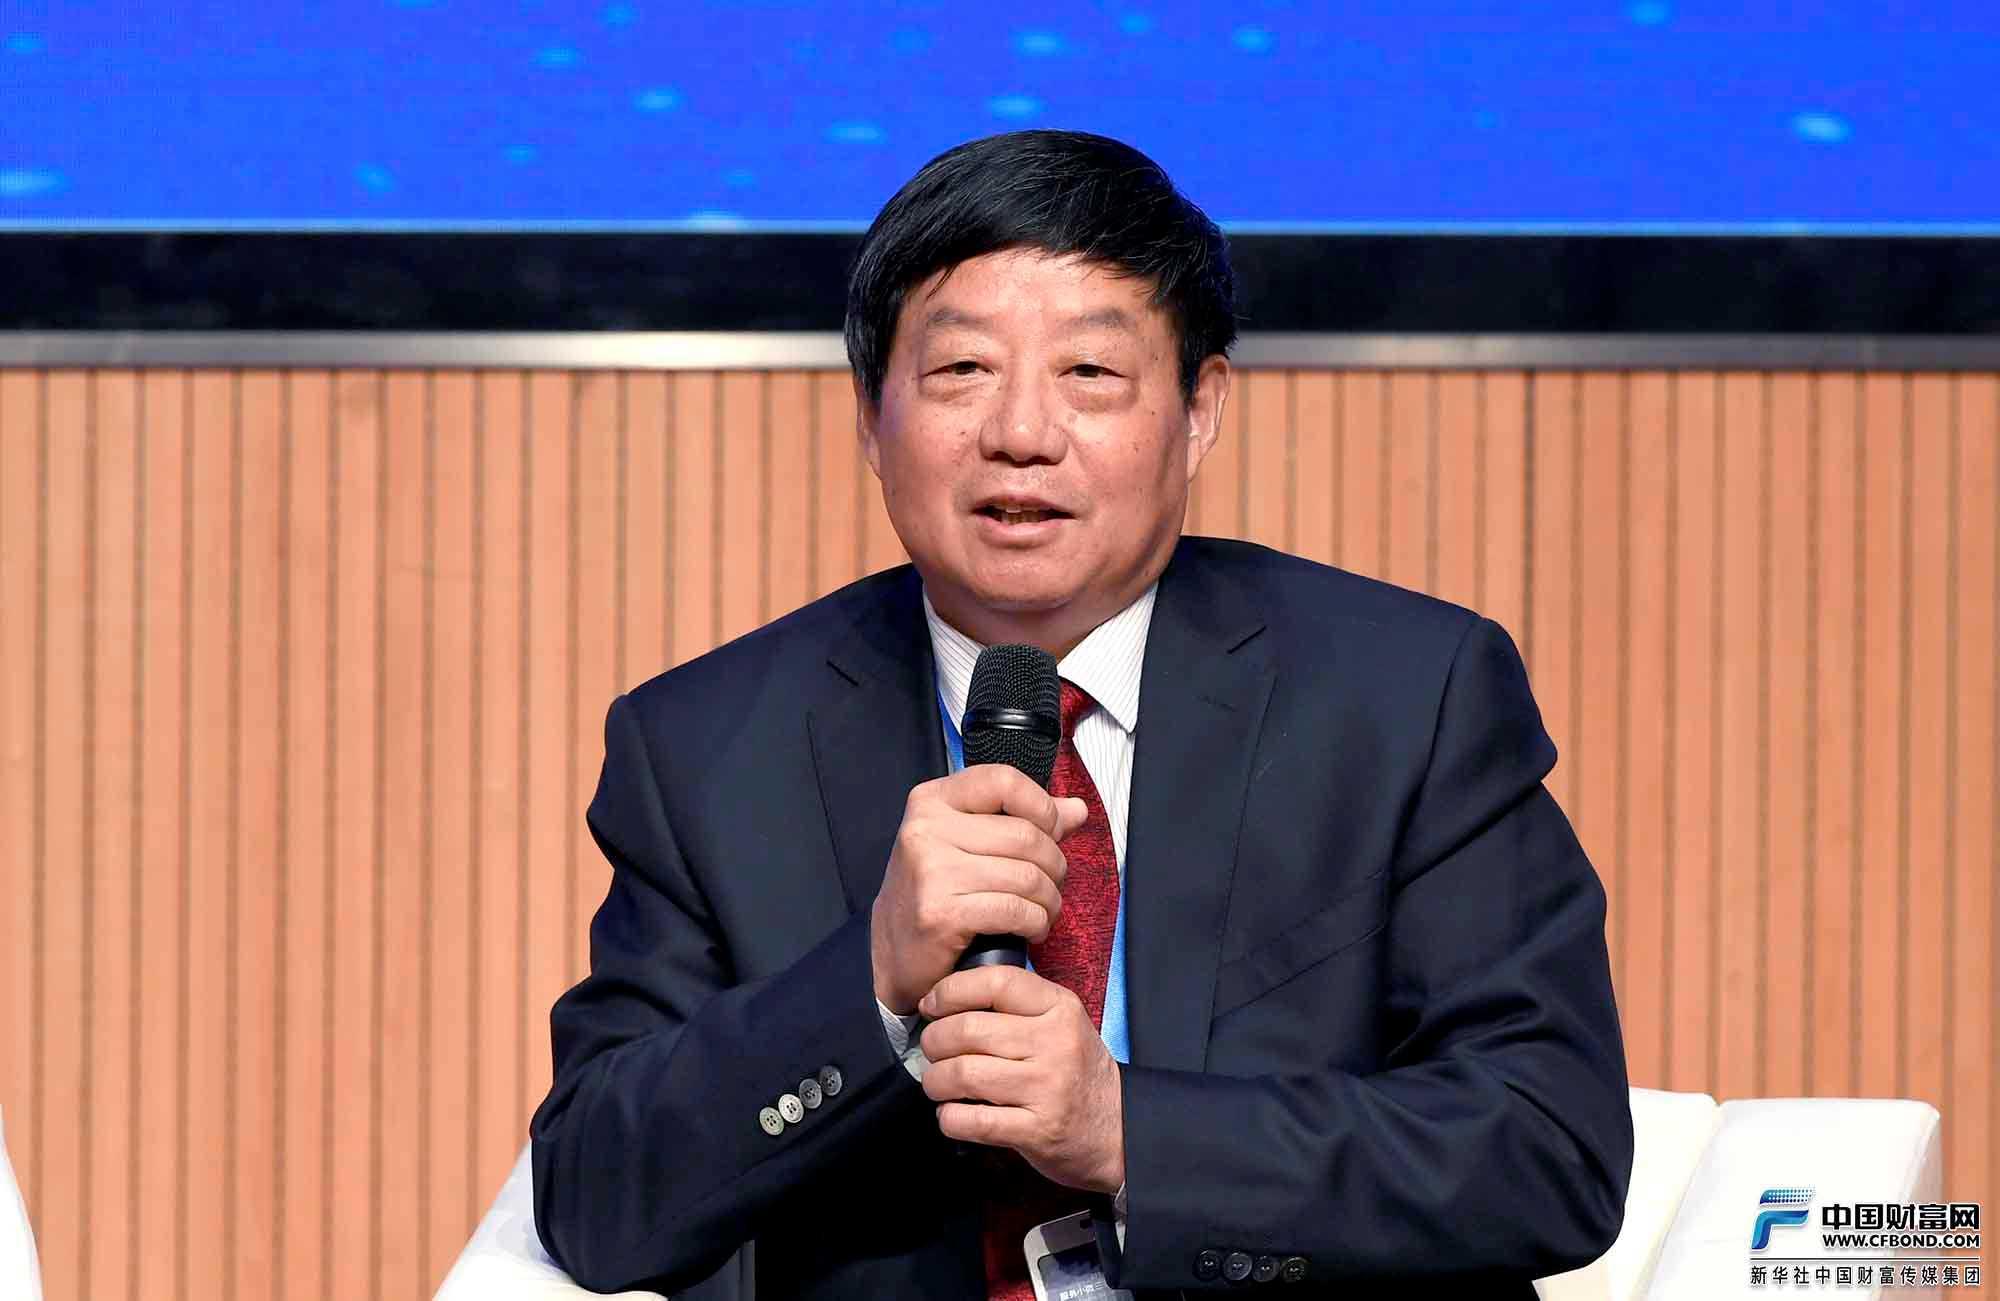 对话嘉宾:安徽省农业信贷融资担保有限公司党委书记、董事长叶斌